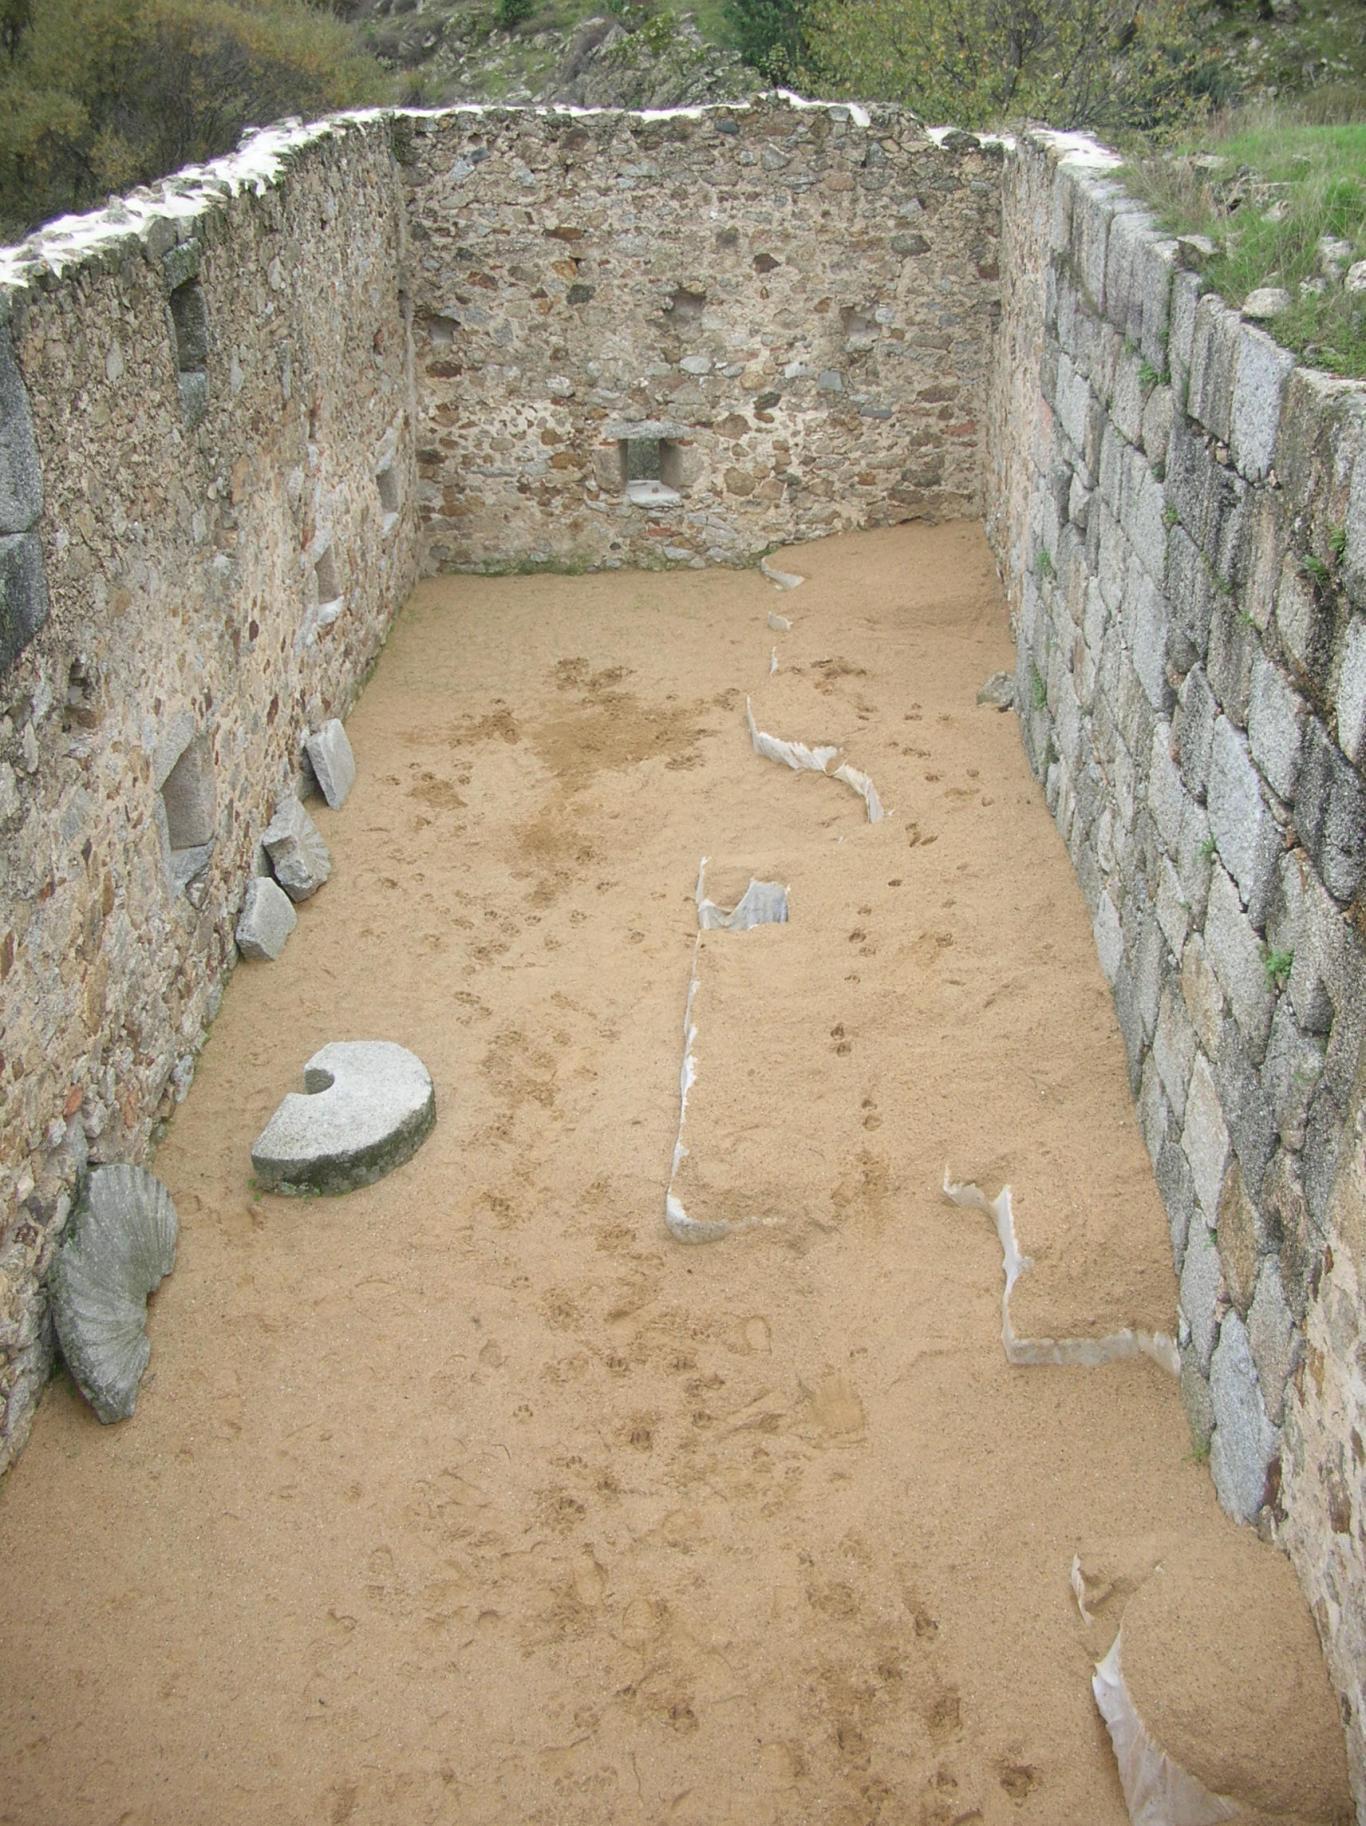 Imagen de Sala del molino tras la excavación arqueológica